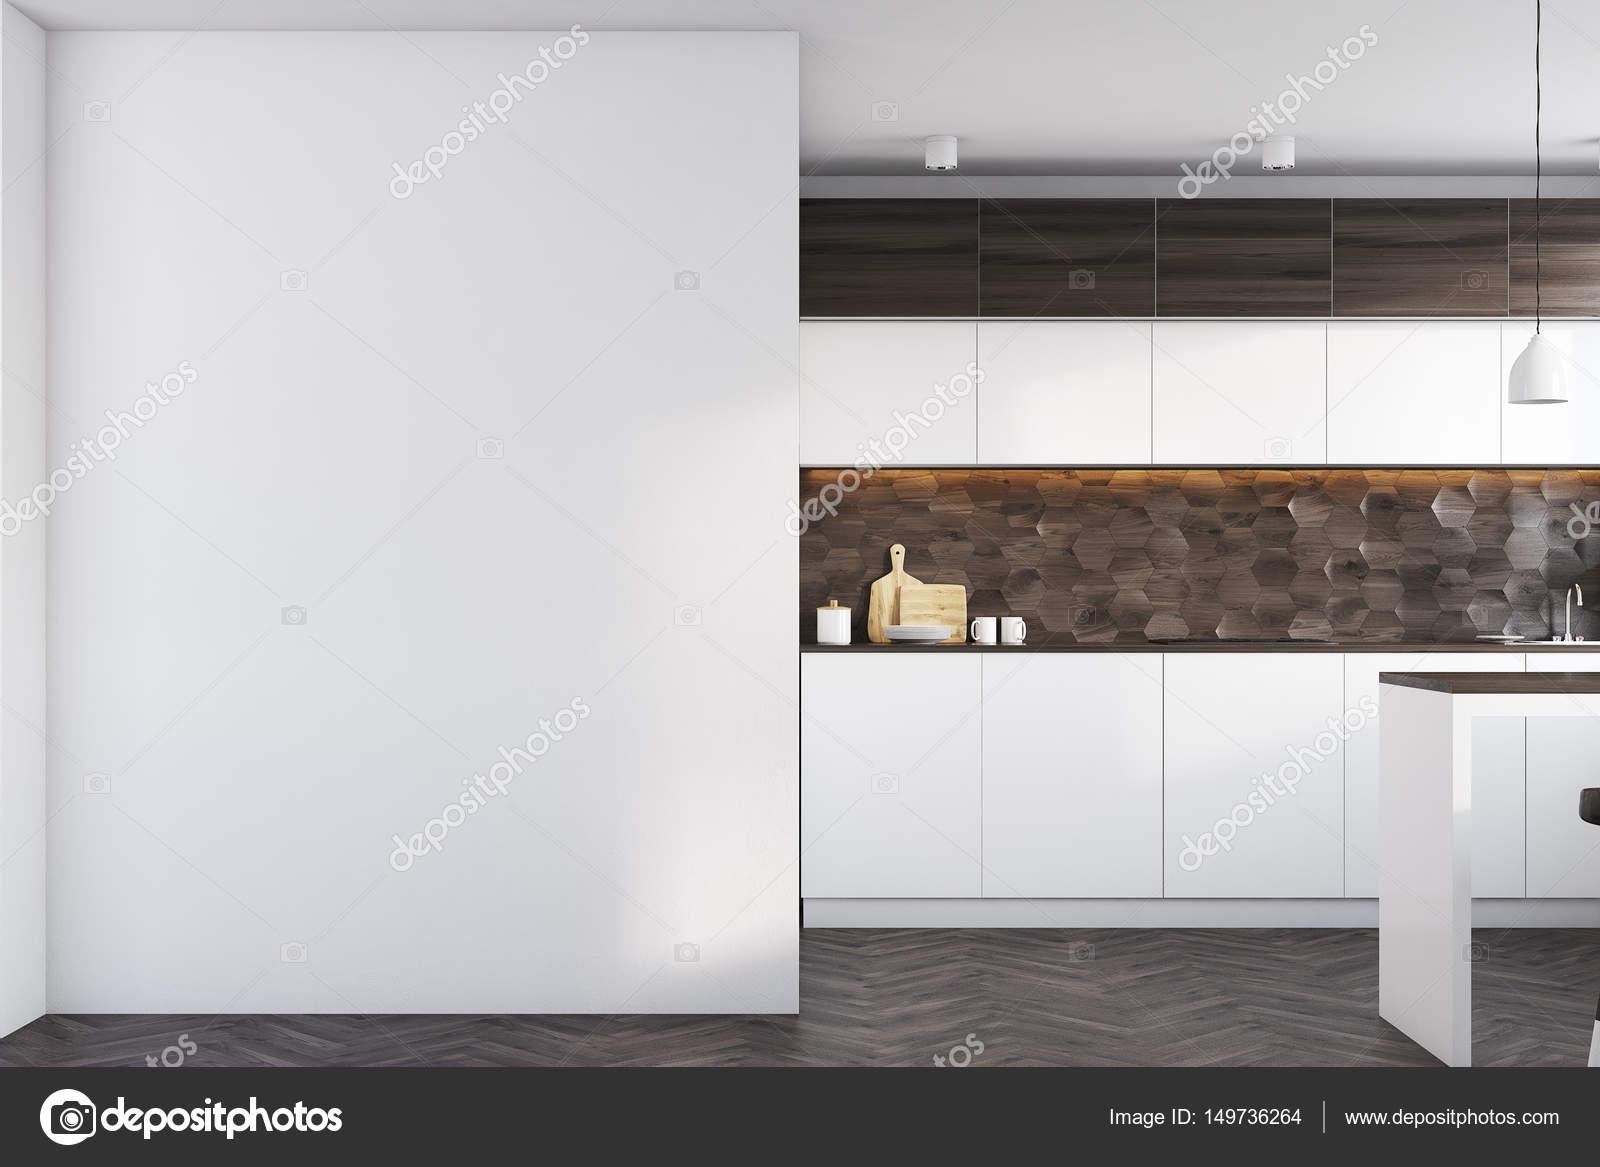 Donkere houten keuken met een tafel u stockfoto denisismagilov